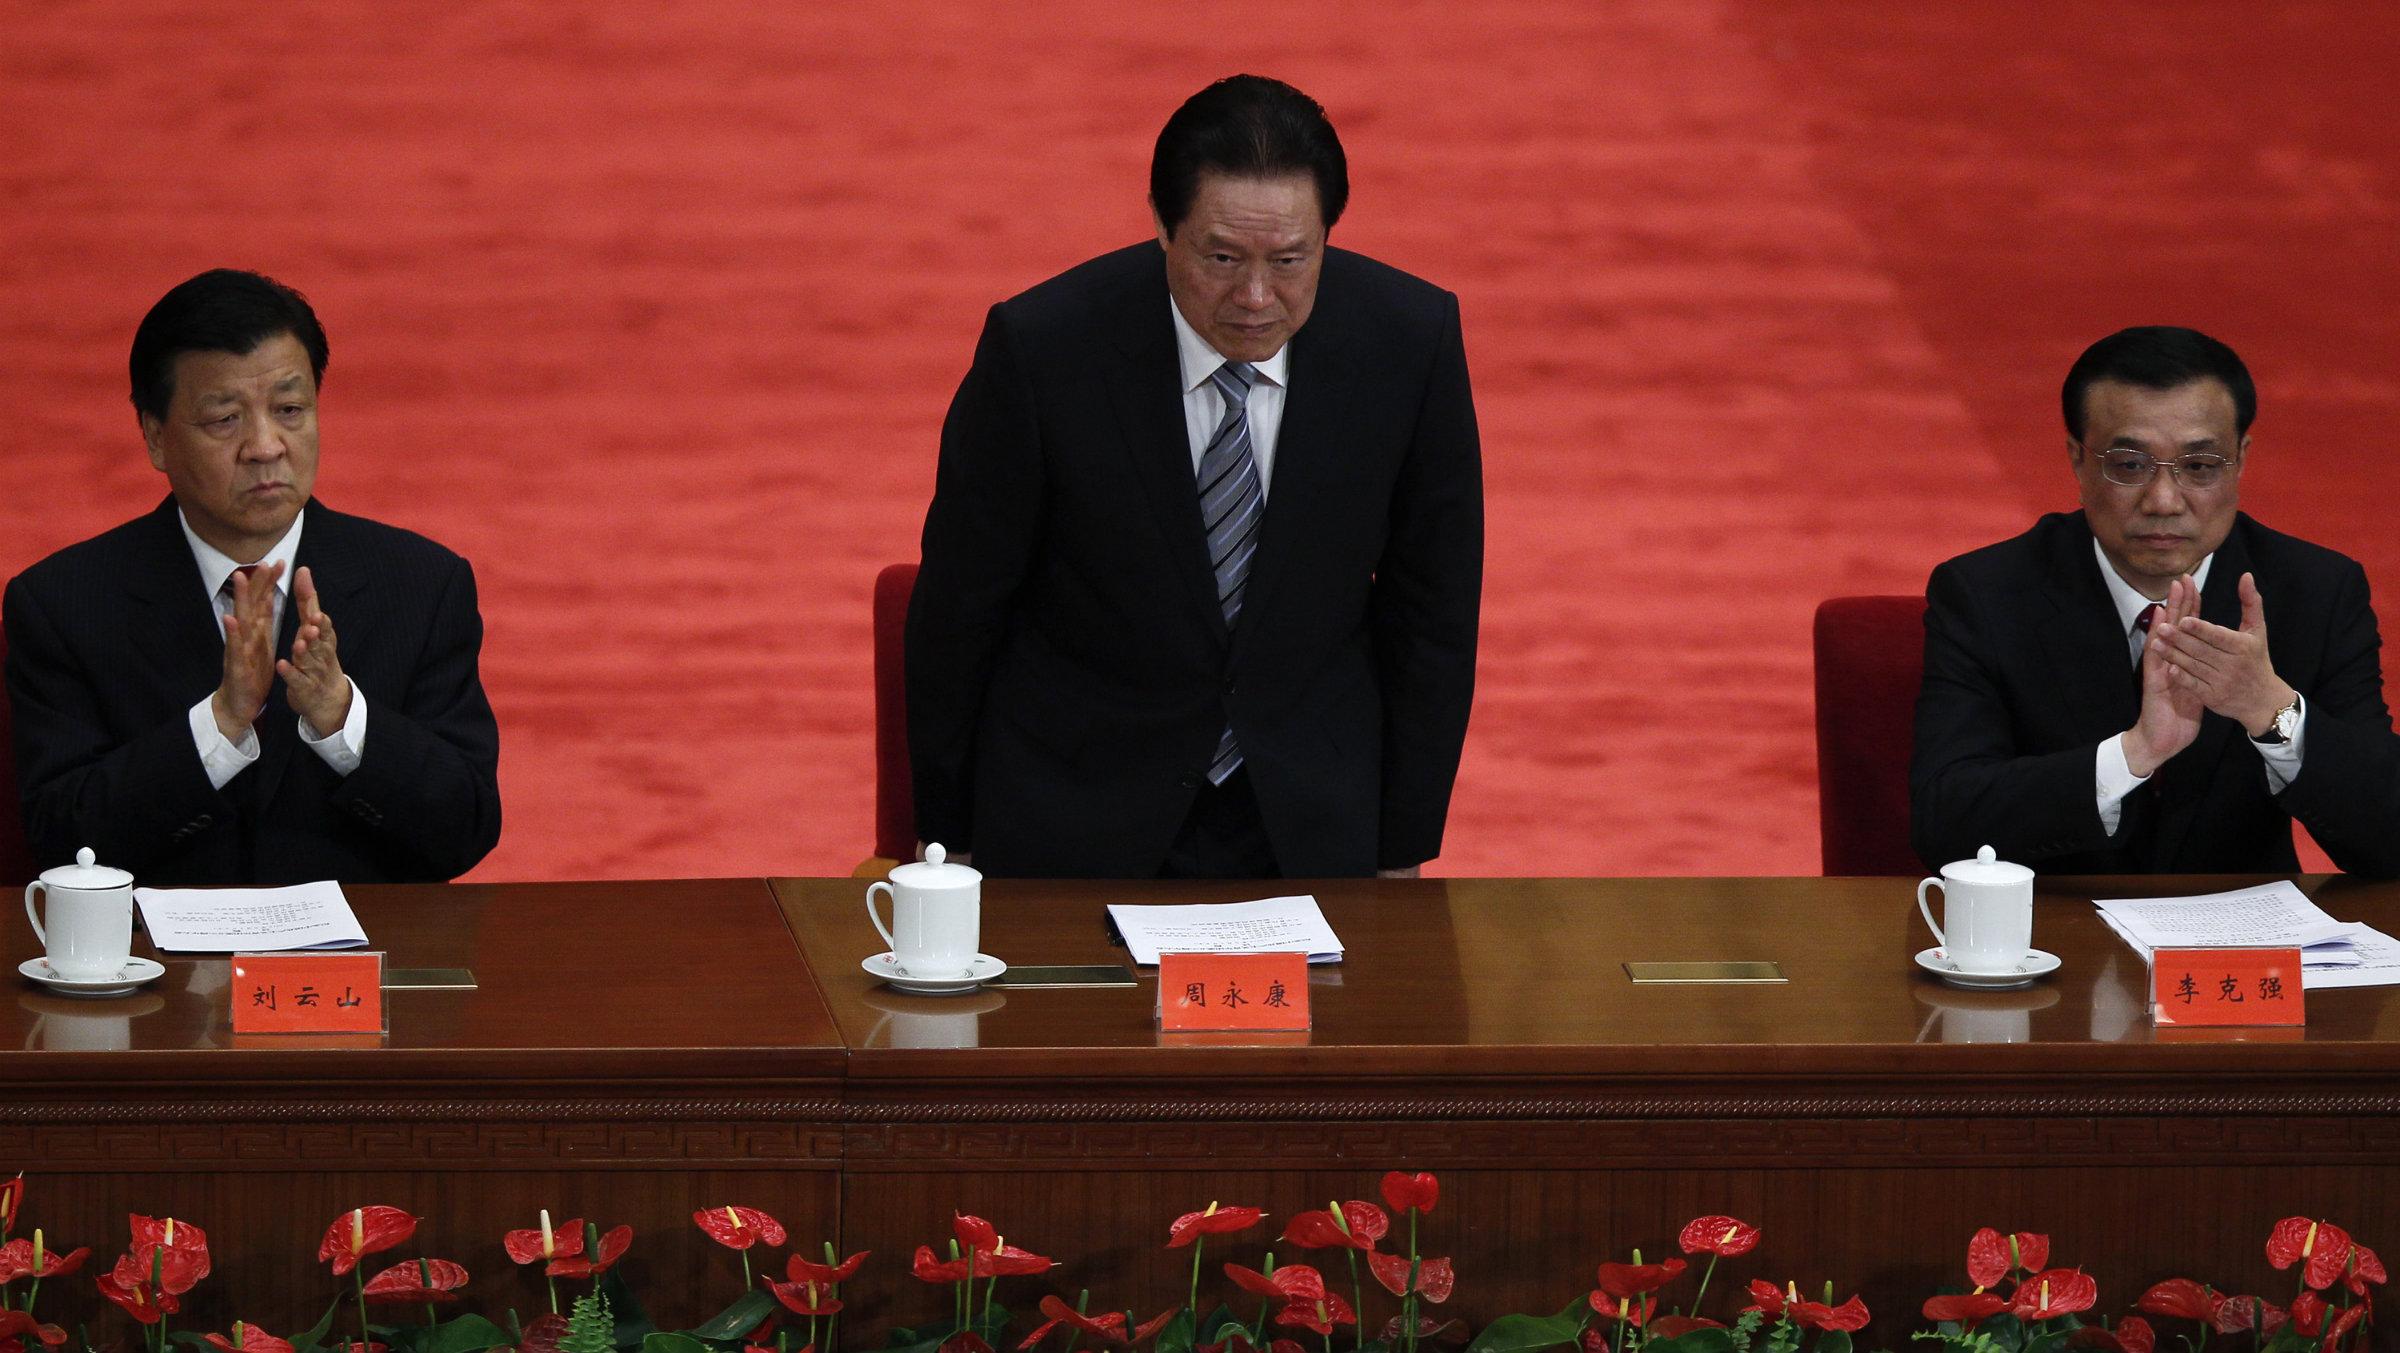 Zhou Yongkang China corruption crackdown